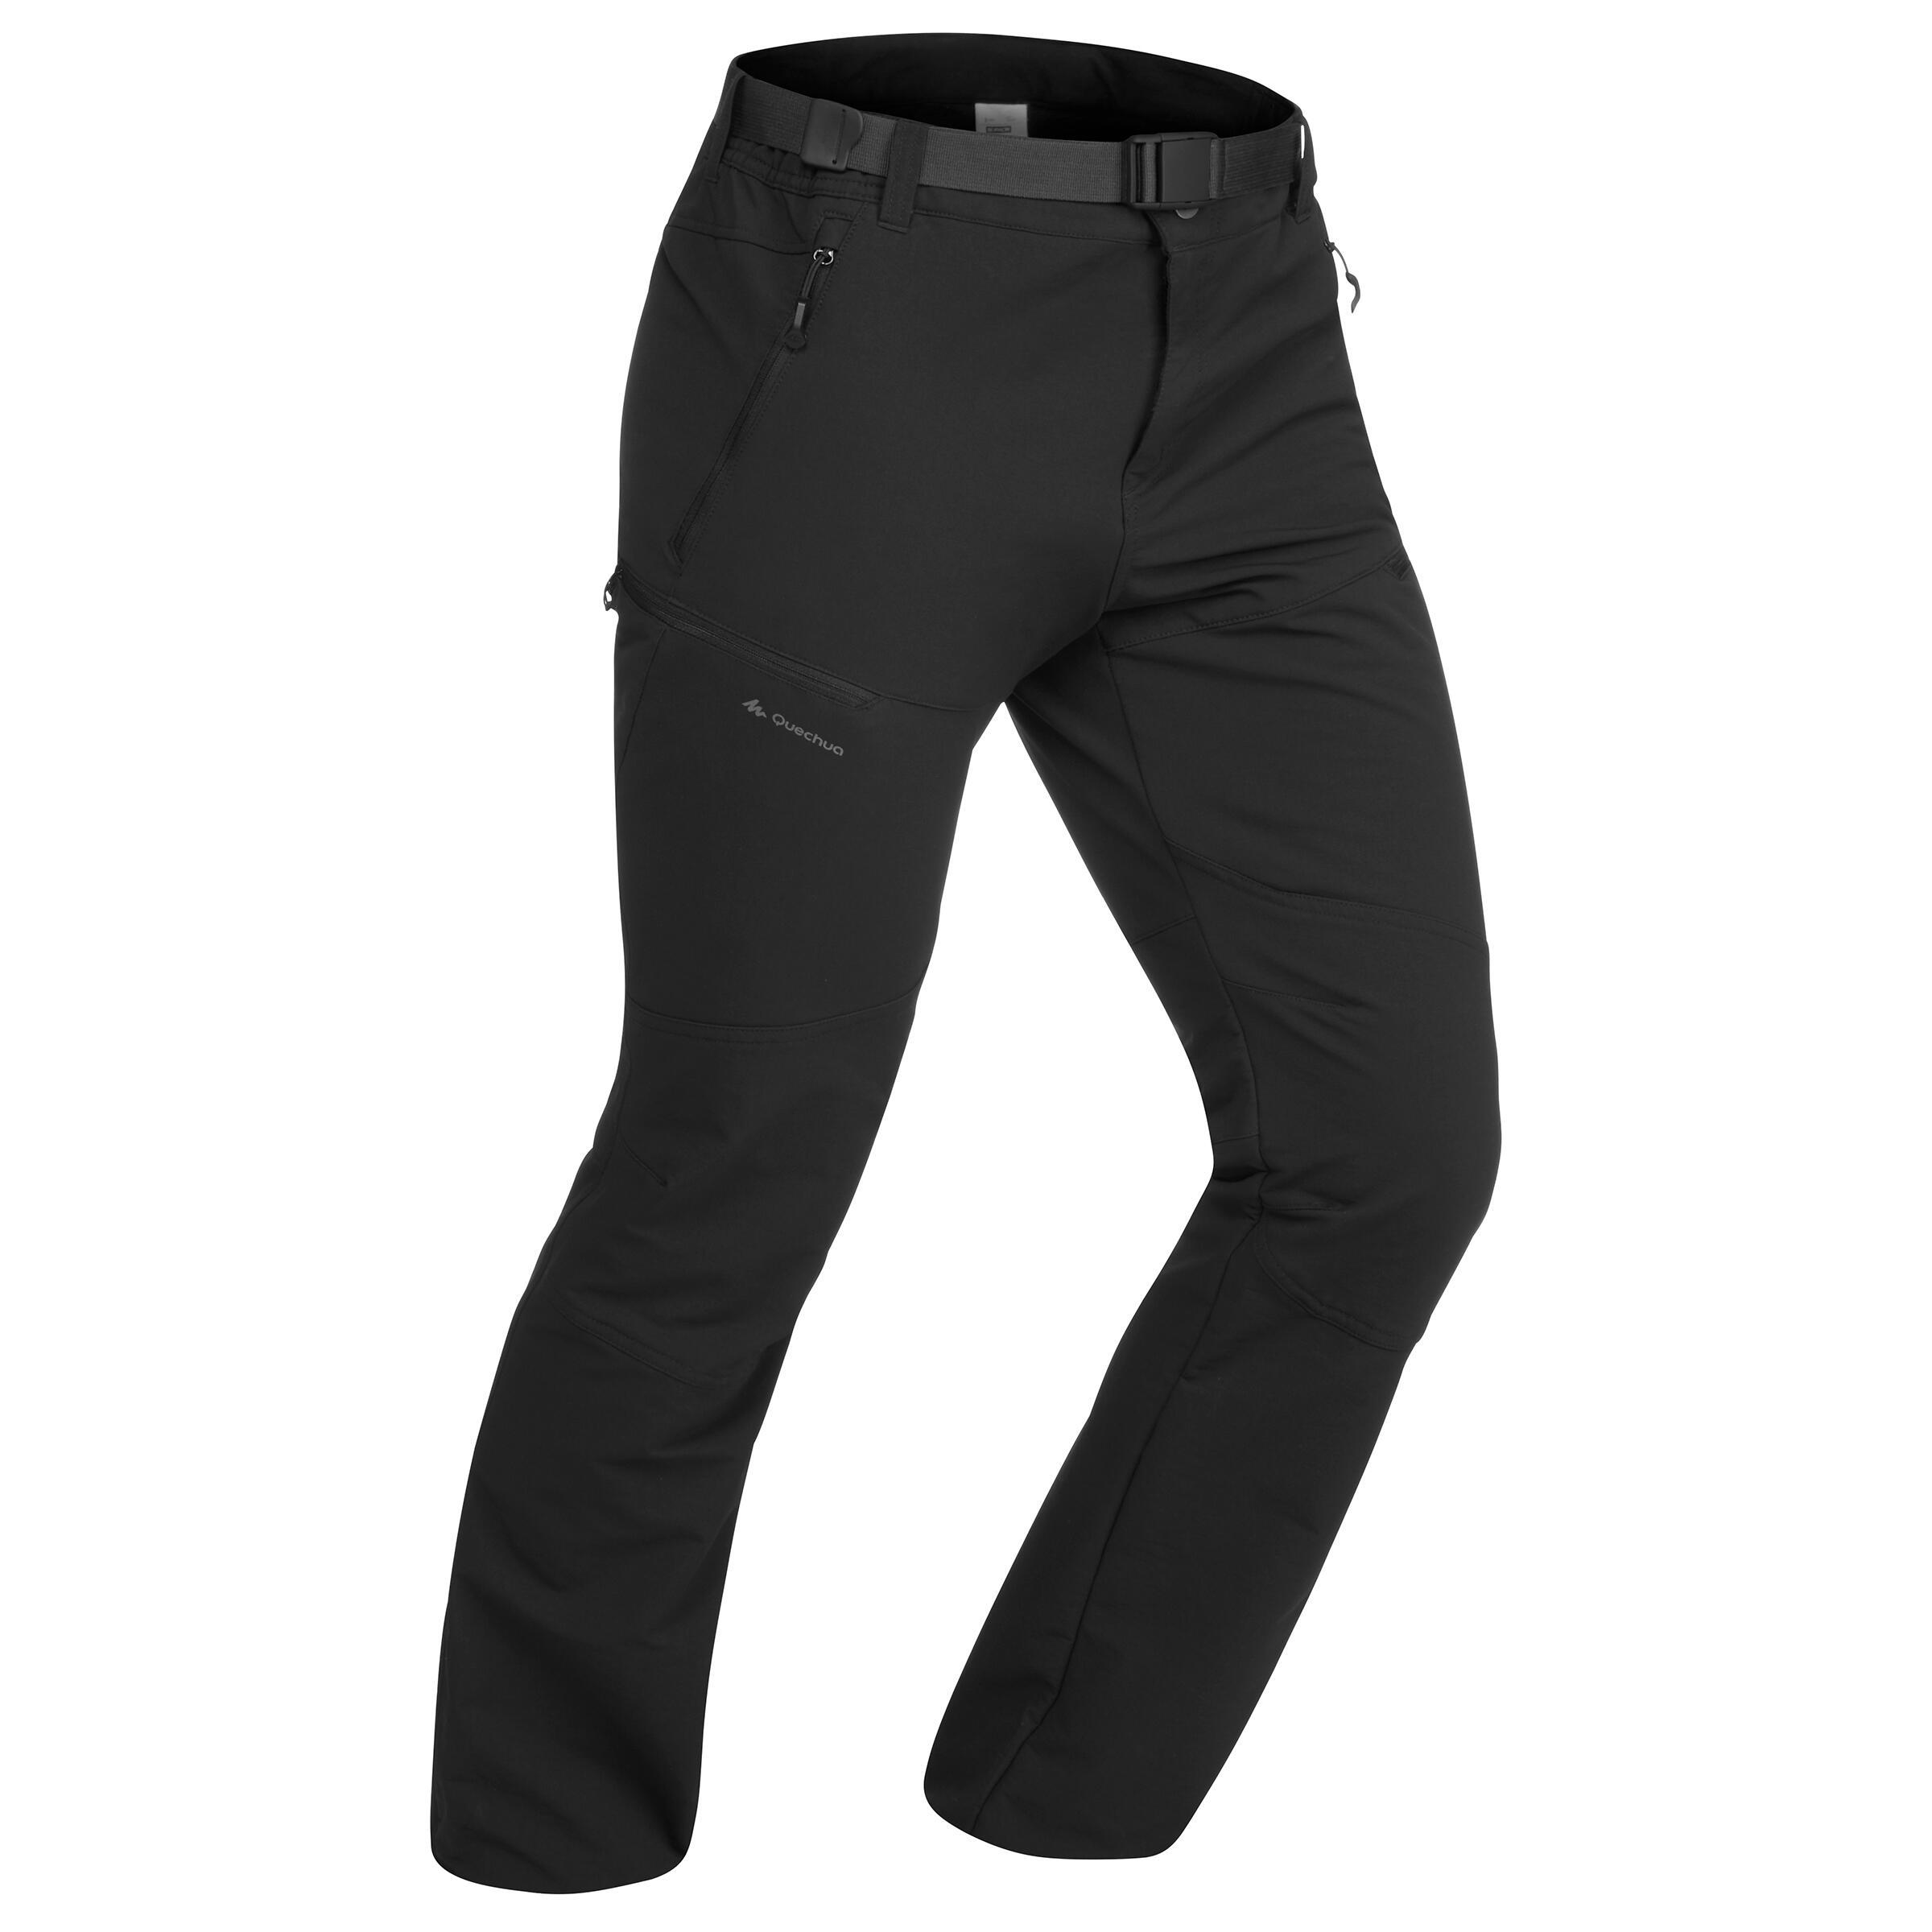 Softshellhose Winterwandern SH500 X-Warm Wasserabweisend Stretch Herren | Sportbekleidung > Sporthosen > Softshellhosen | Quechua